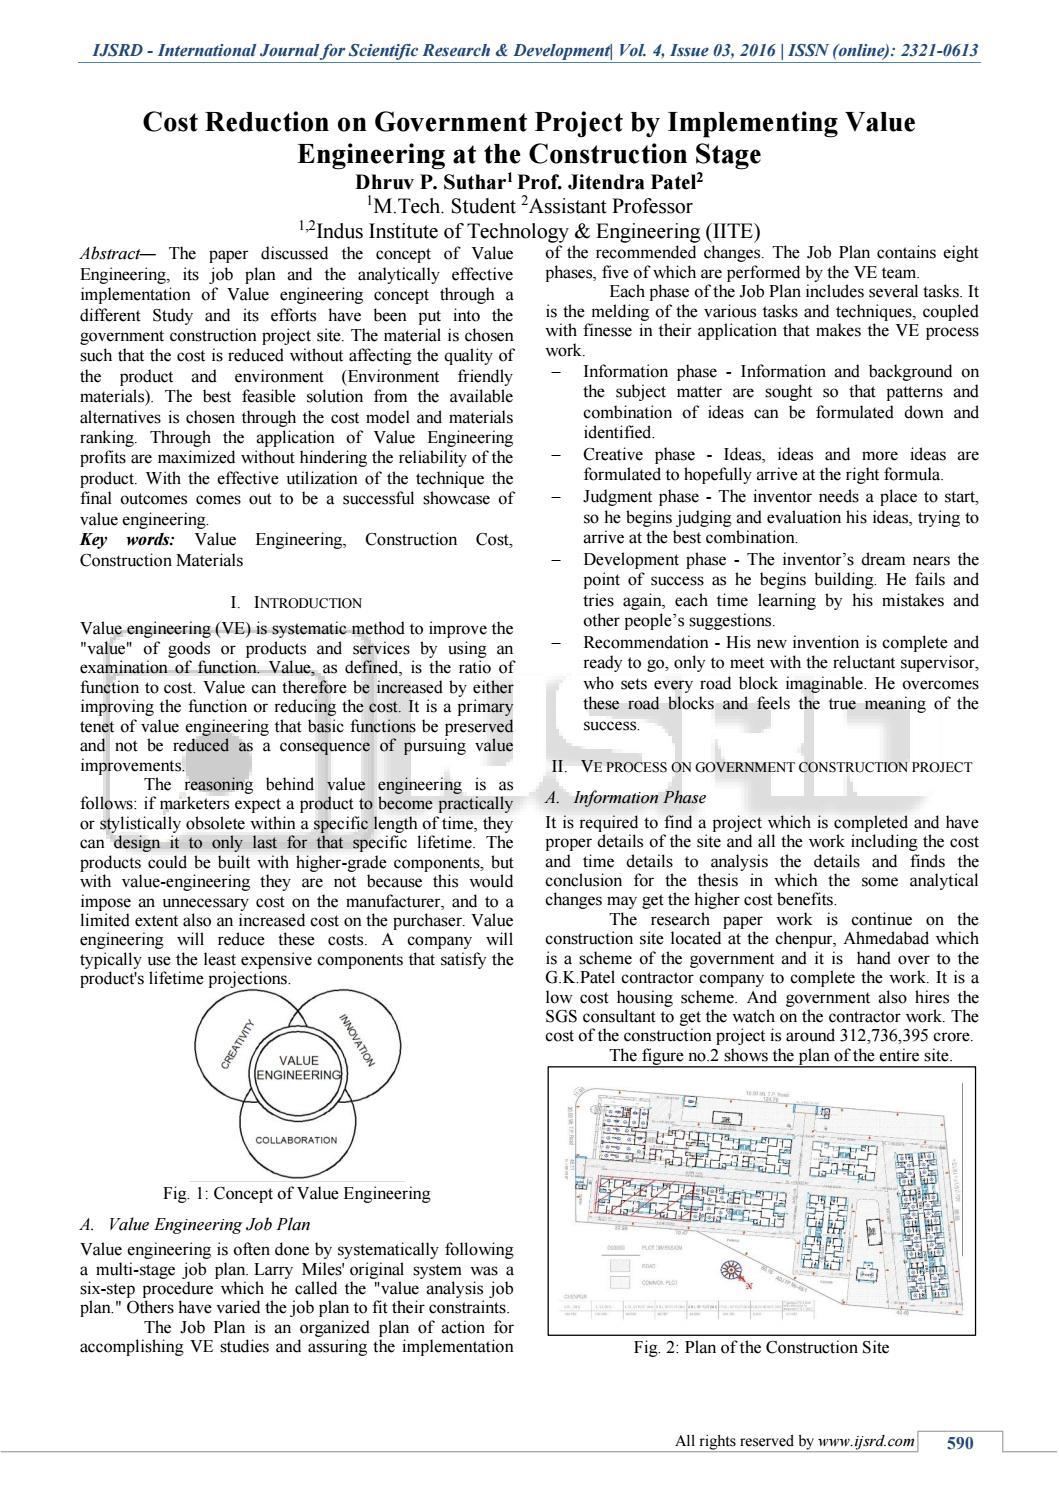 贝博官网电脑版_格力电器中心客服管理系统